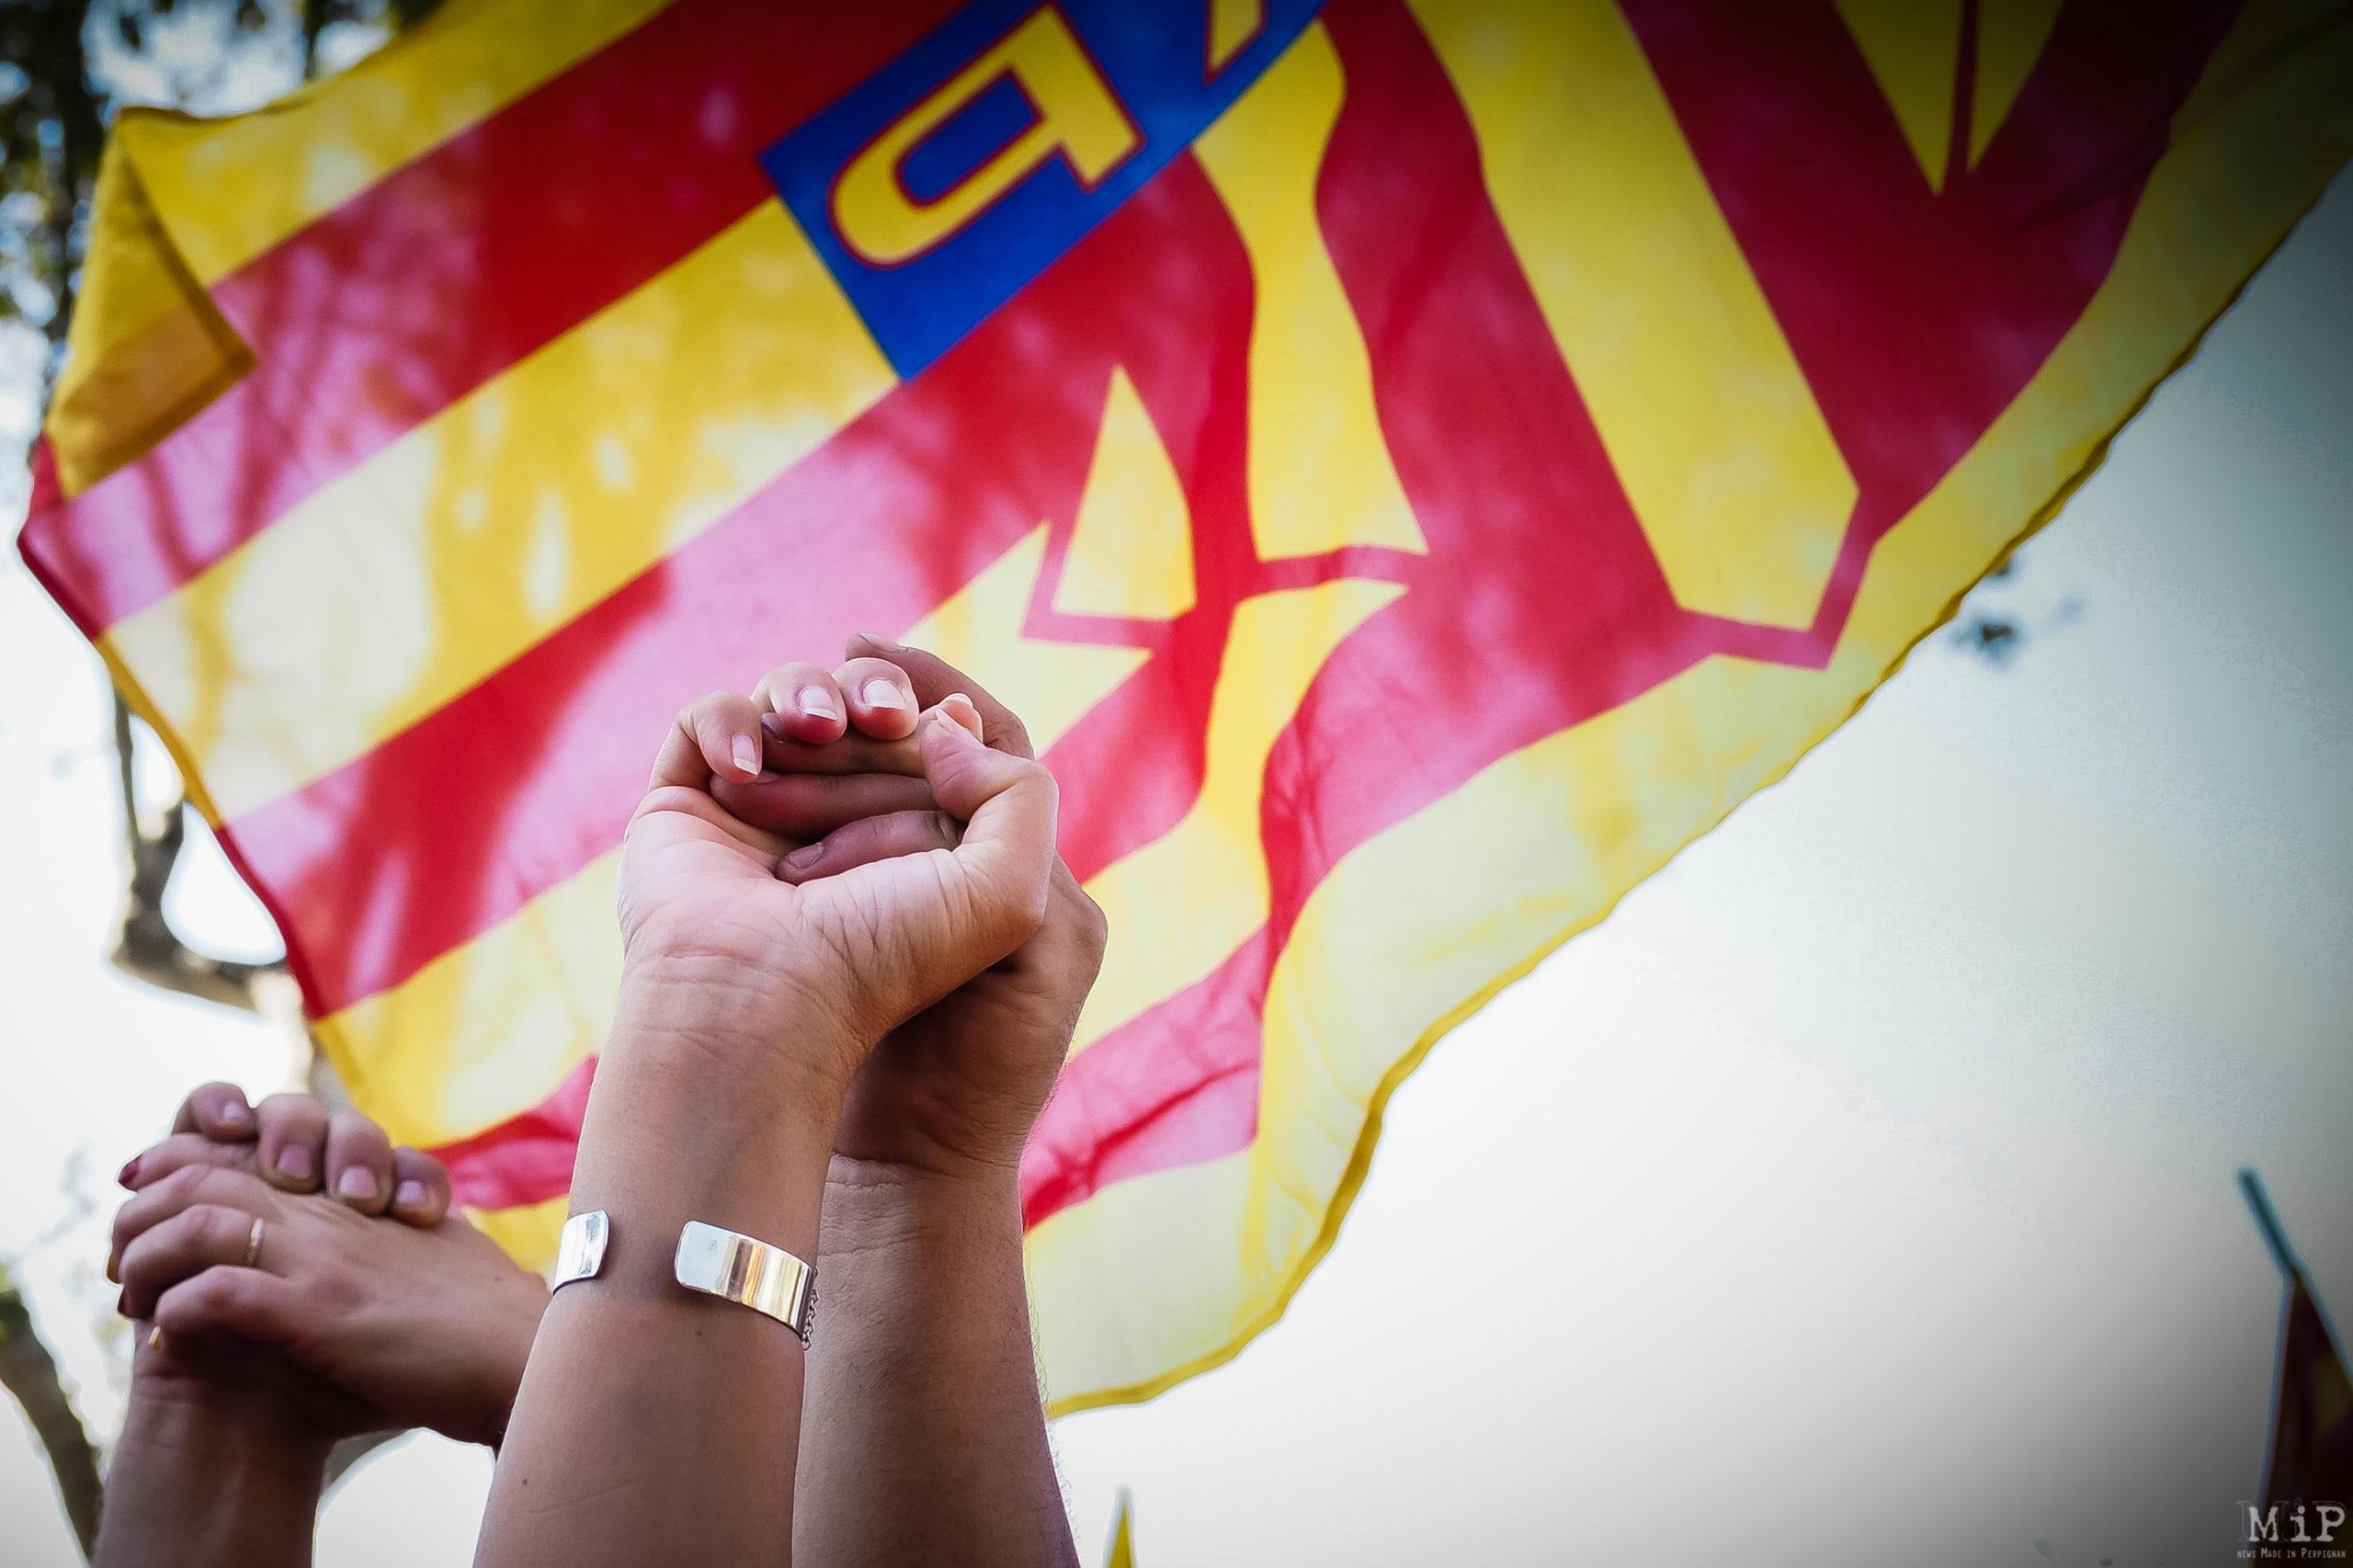 Mouvement oui au pays catalan vote du nouveau nom de la région Occitanie. Contestation et manifestation dans les rues de Perpignan liée à la crainte de la perte d'identité catalane.